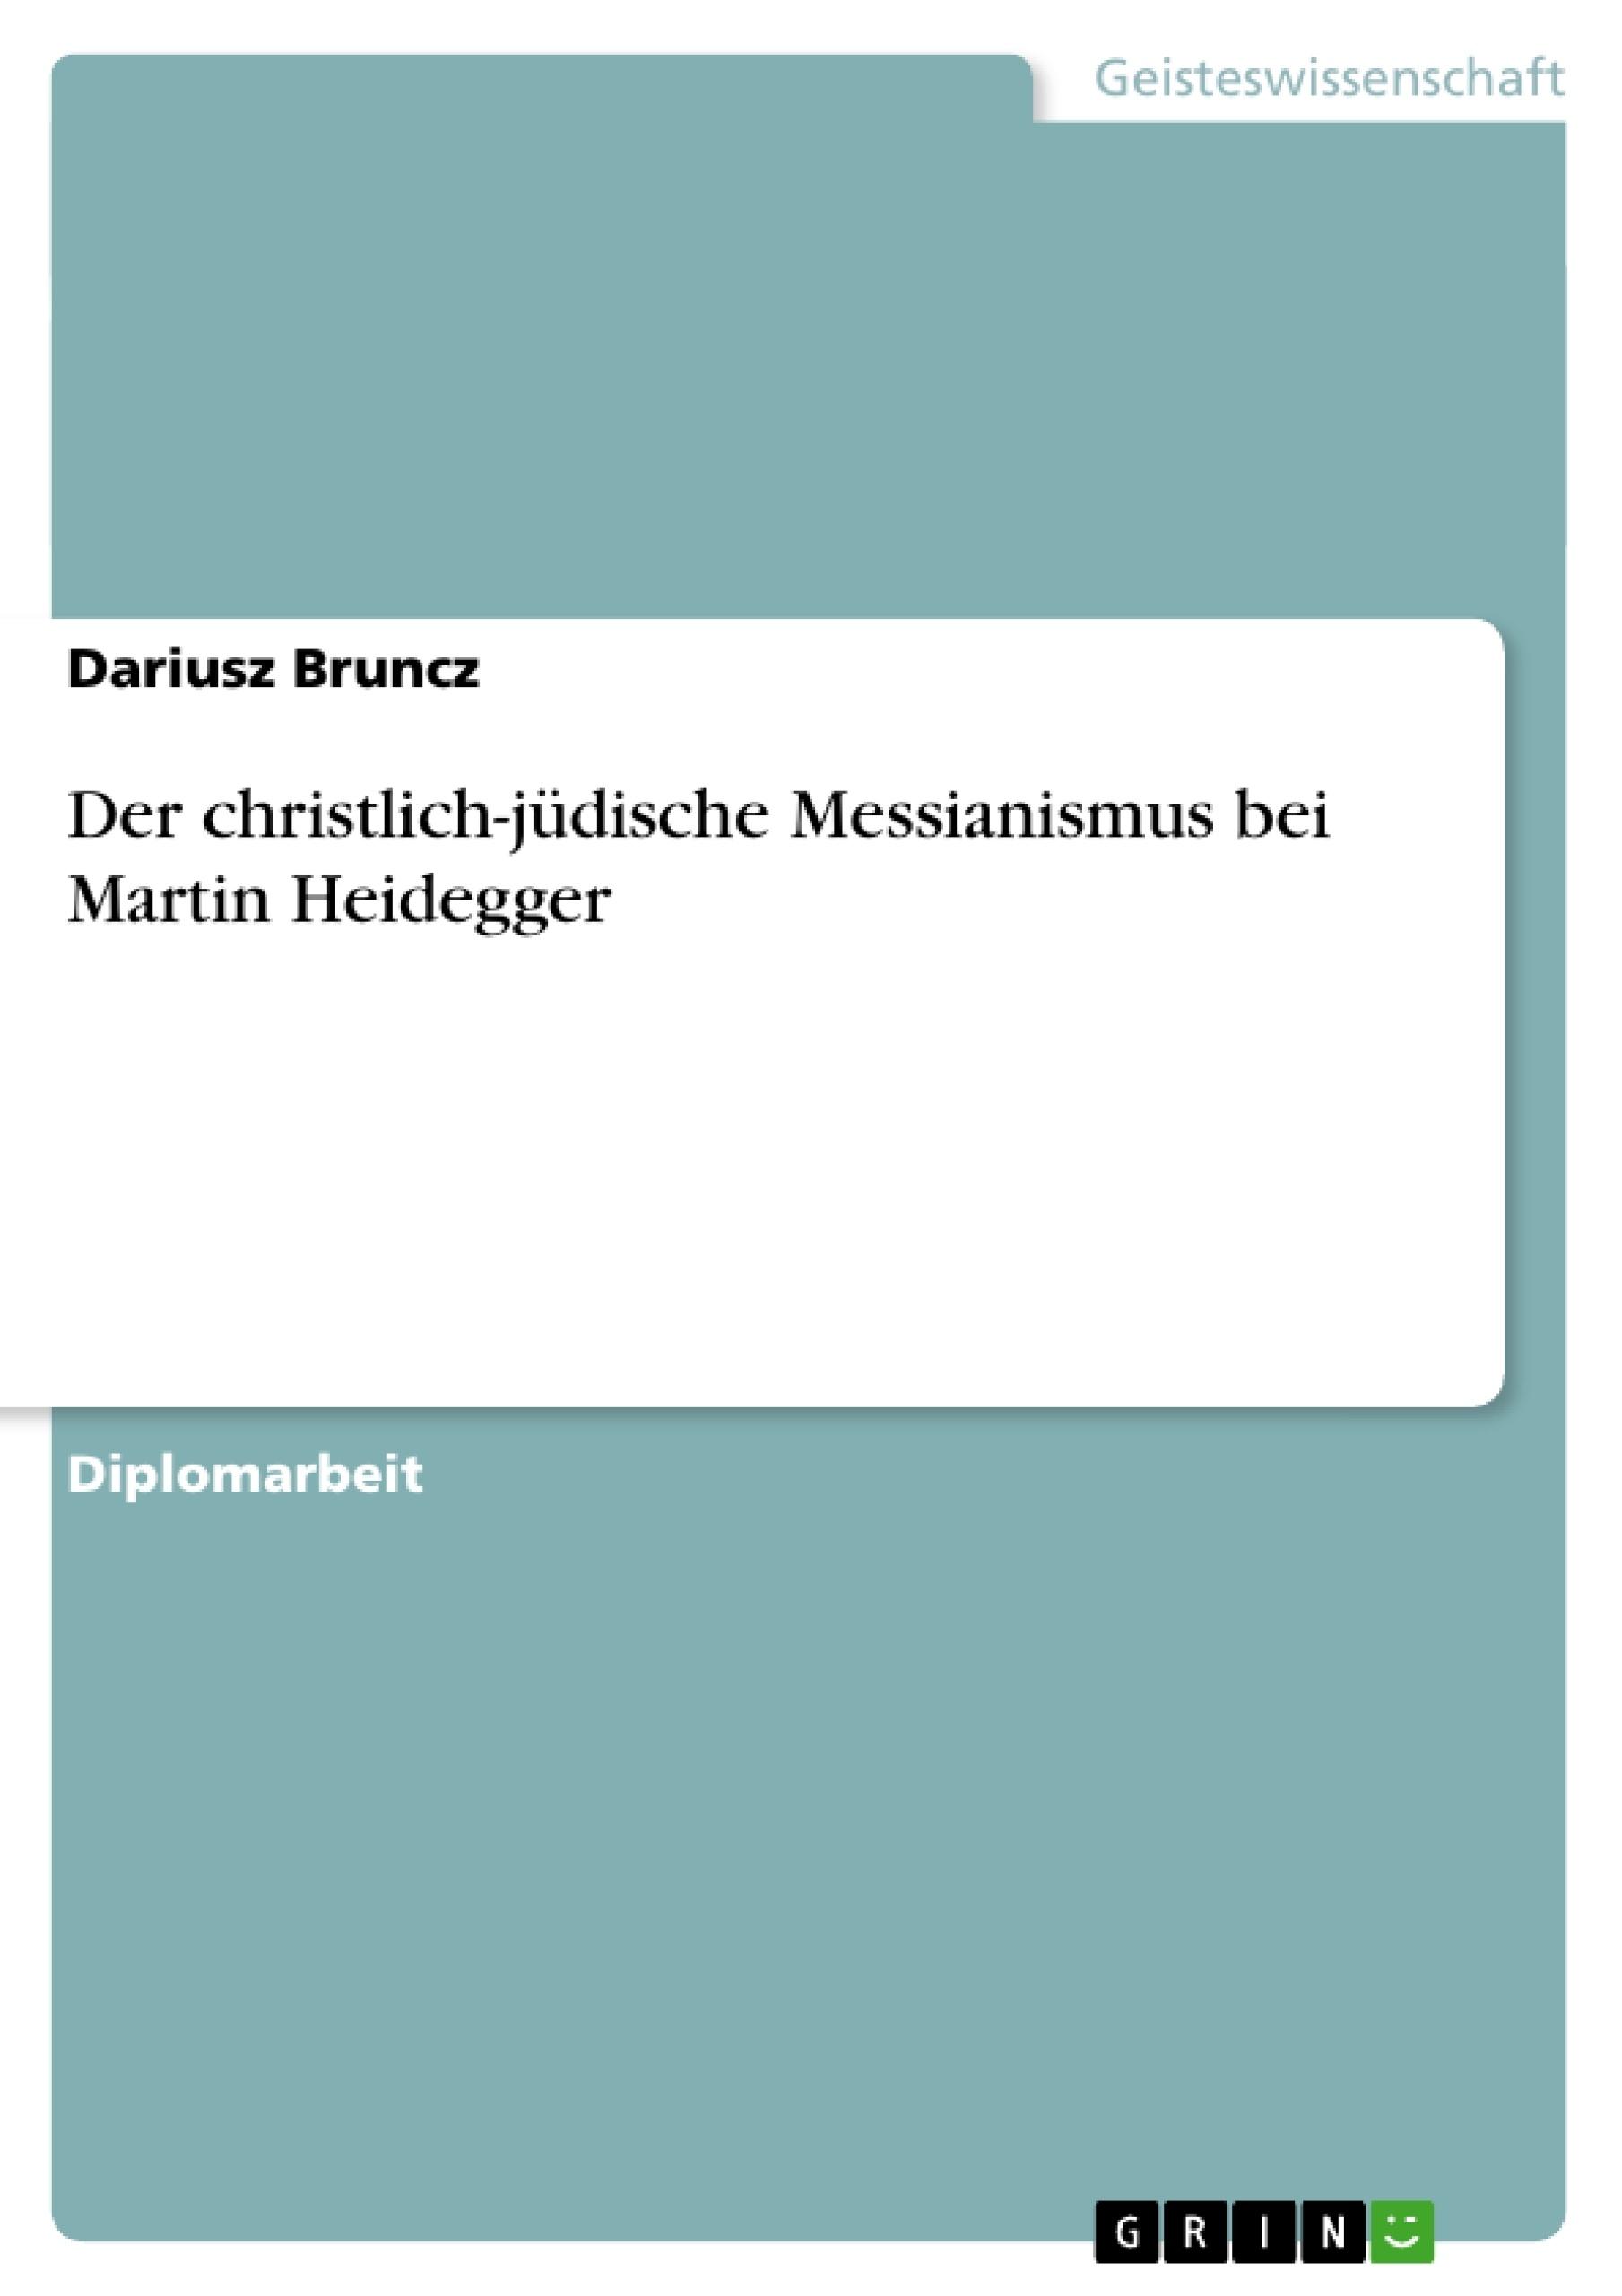 Titel: Der christlich-jüdische Messianismus bei Martin Heidegger